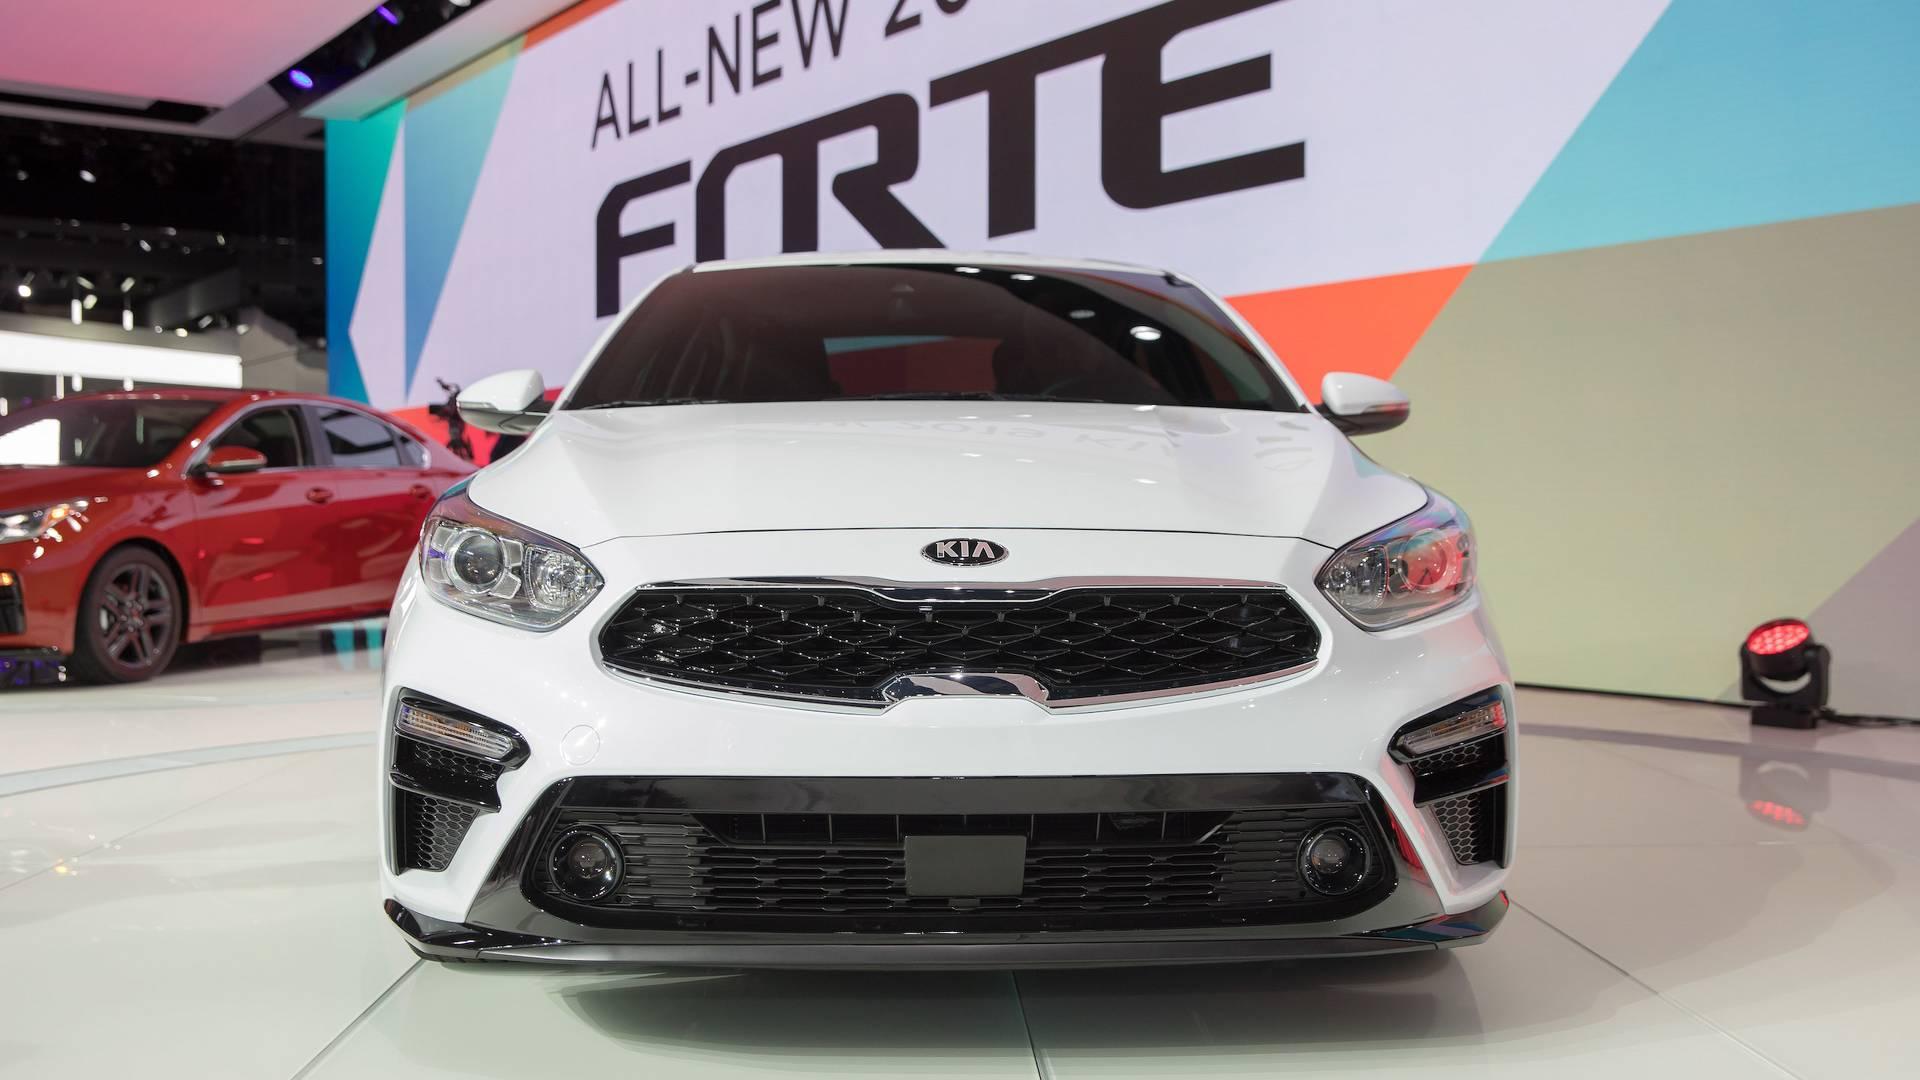 Yeni KIA (KIA) 2019 model yılı